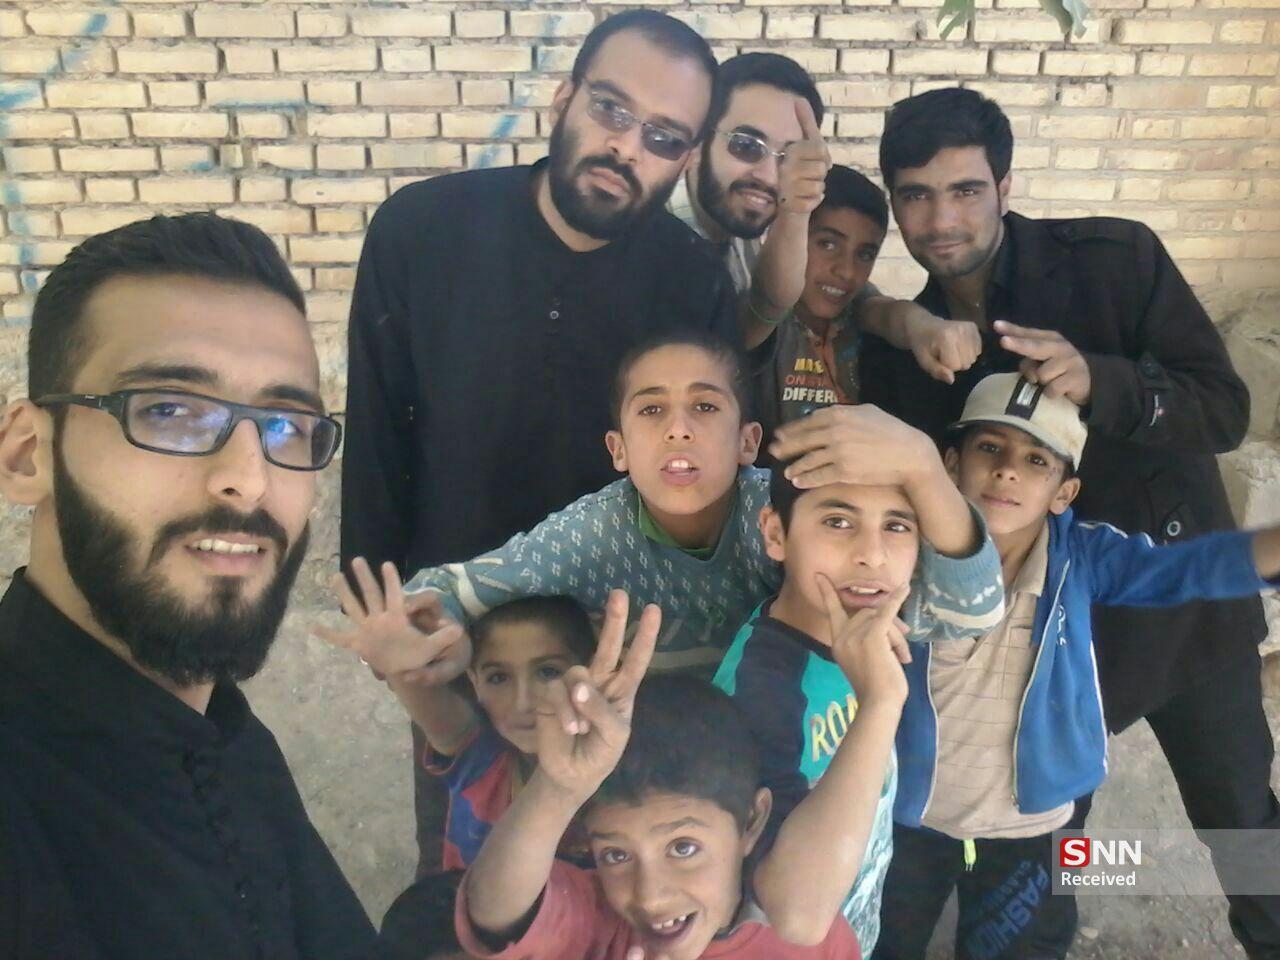 /بماند/  مدیر جهادی ندایم و بحث اشراف گری رواج دارد/ مسئولانی از دل گروههای جهادی برخواستند